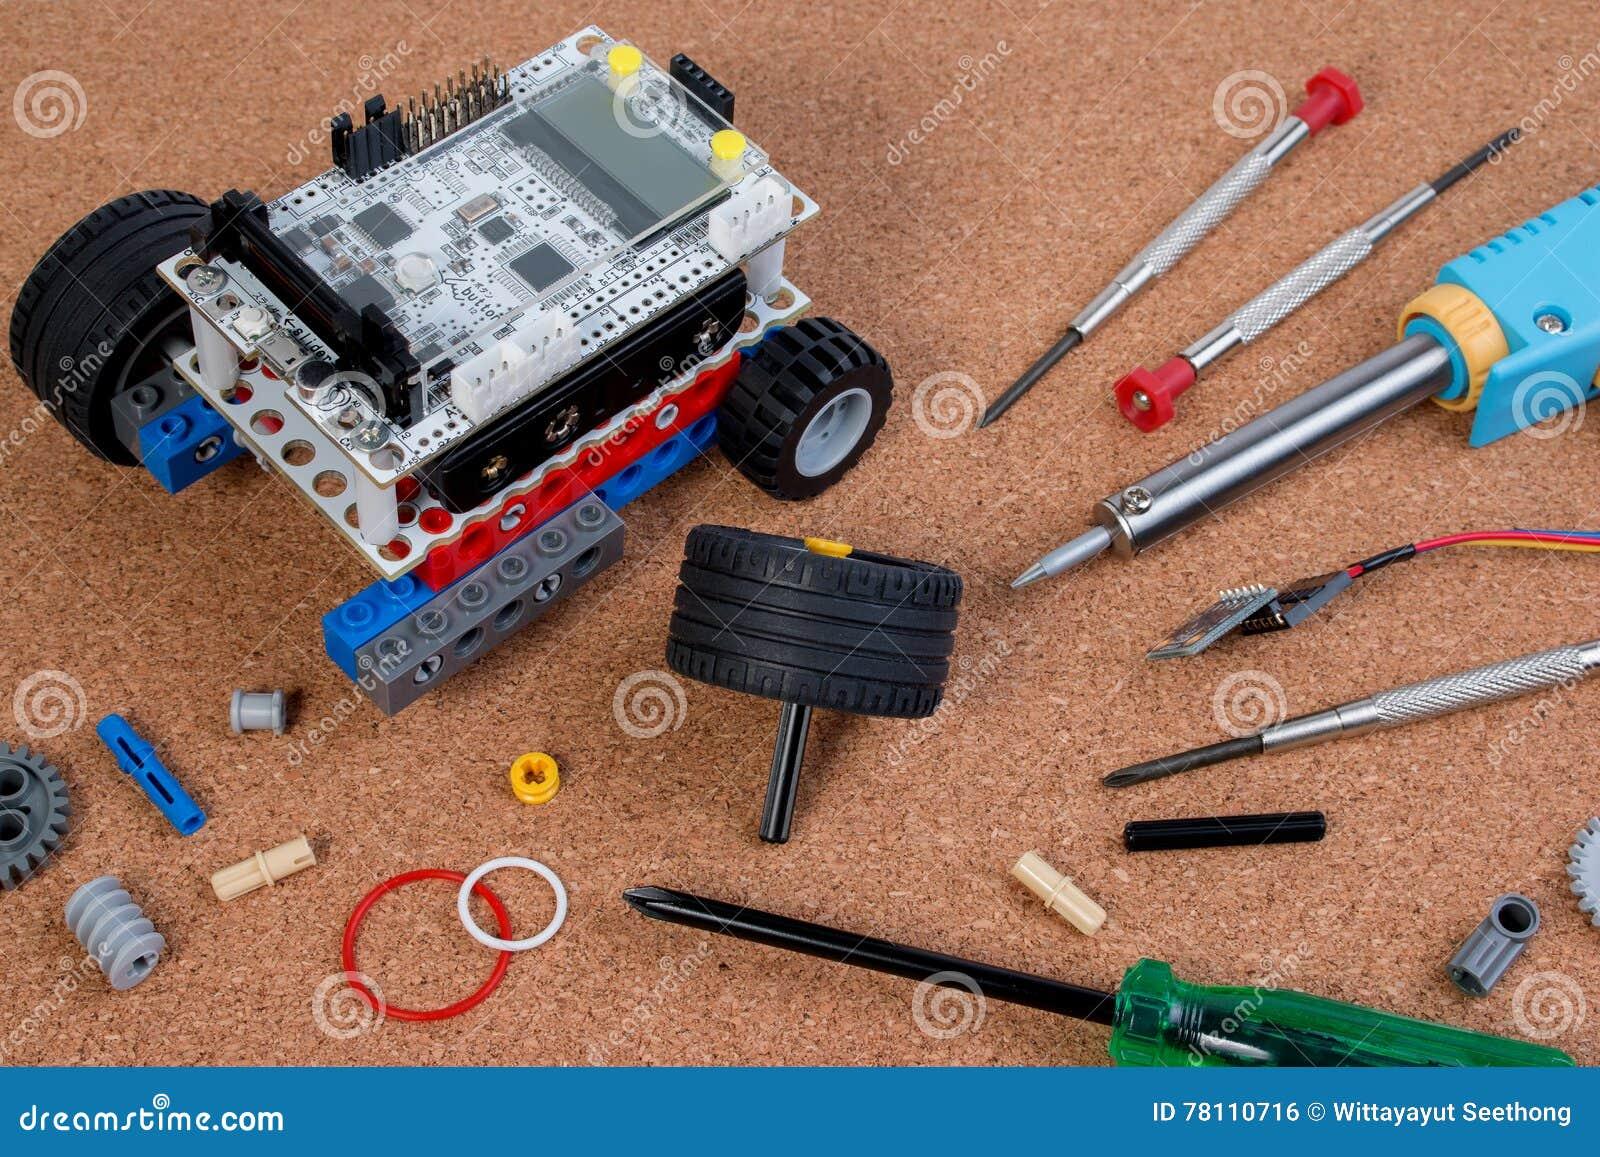 Διανοητική εξάρτηση συνελεύσεων παιχνιδιών ρομπότ ανάπτυξης DIY